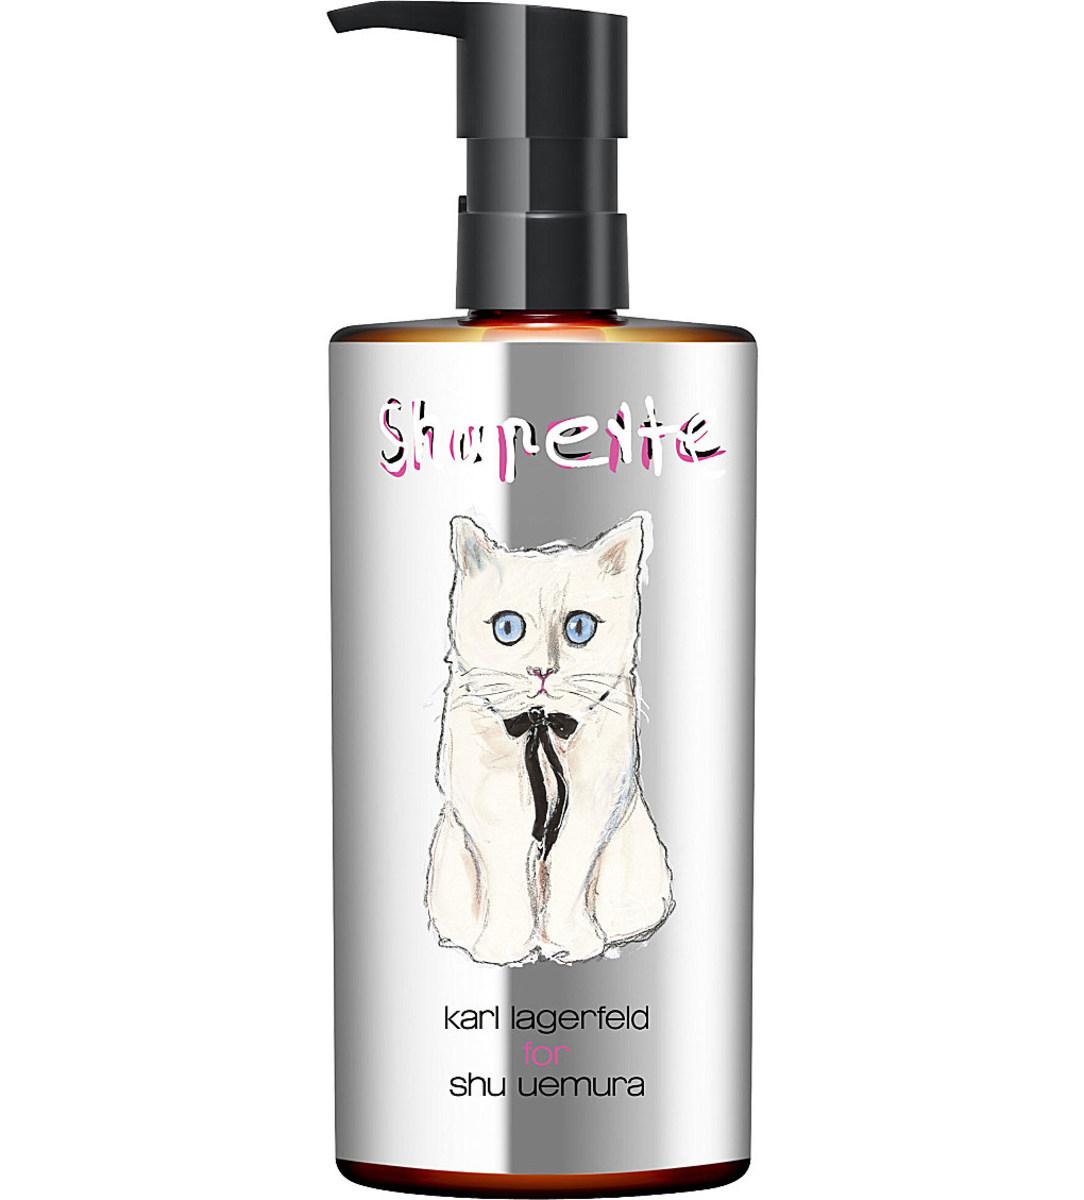 Shu Uemura Shupette Ultime8 Sublime Beauty Cleansing Oil